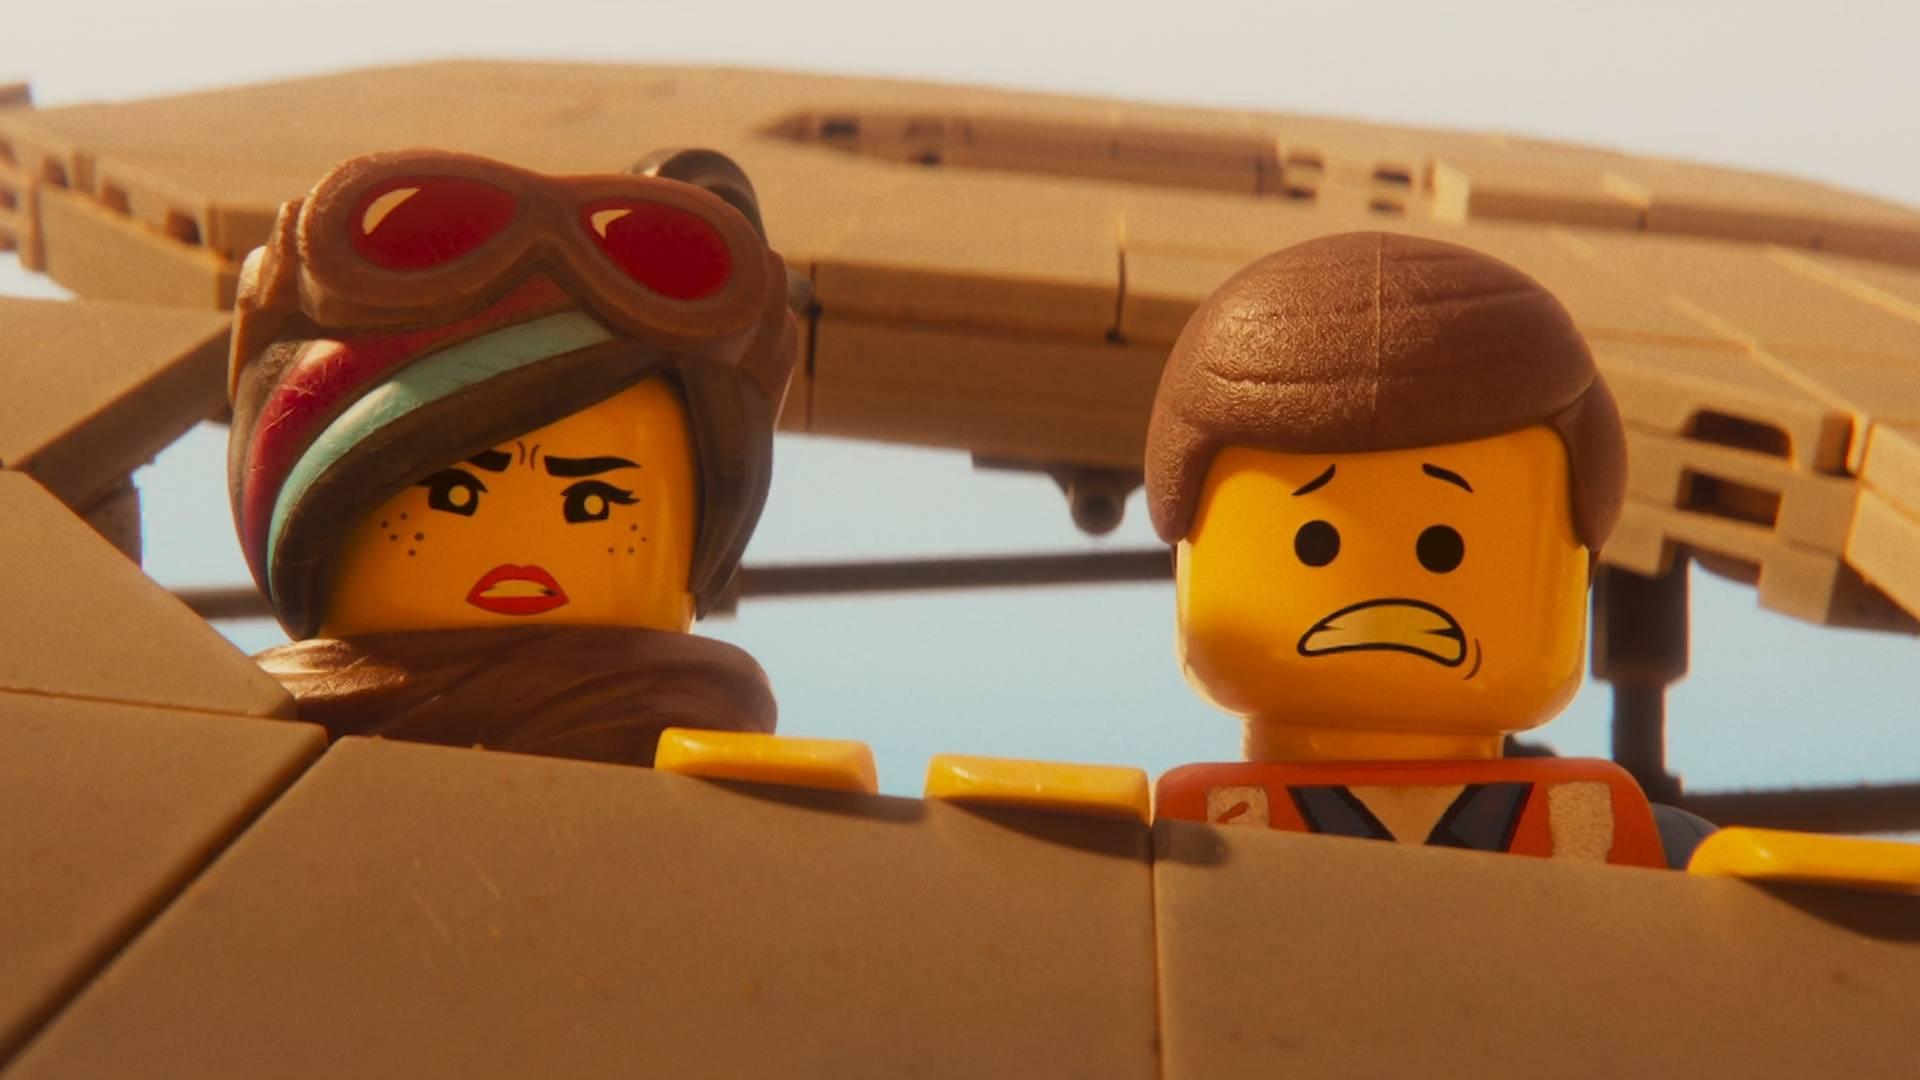 Watch The Lego Movie 2 At Vue Cinema Book Tickets Online